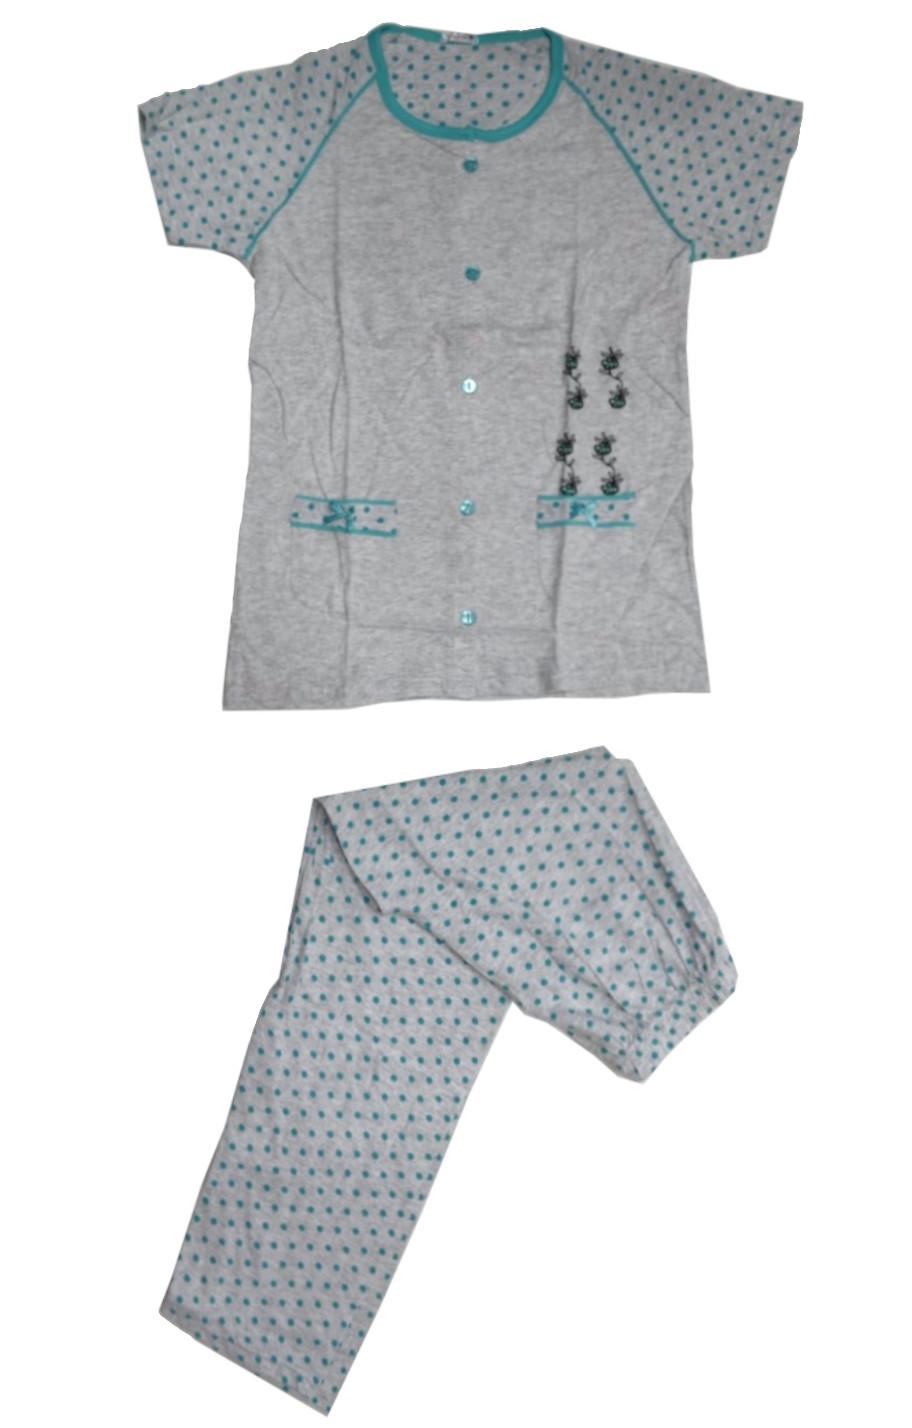 Γυναικεία-πιτζάμα-Gkri-κοντομάνικη-με-Μακρύ-παντελόνι-και-πουά-μικροσχέδιο.jpg